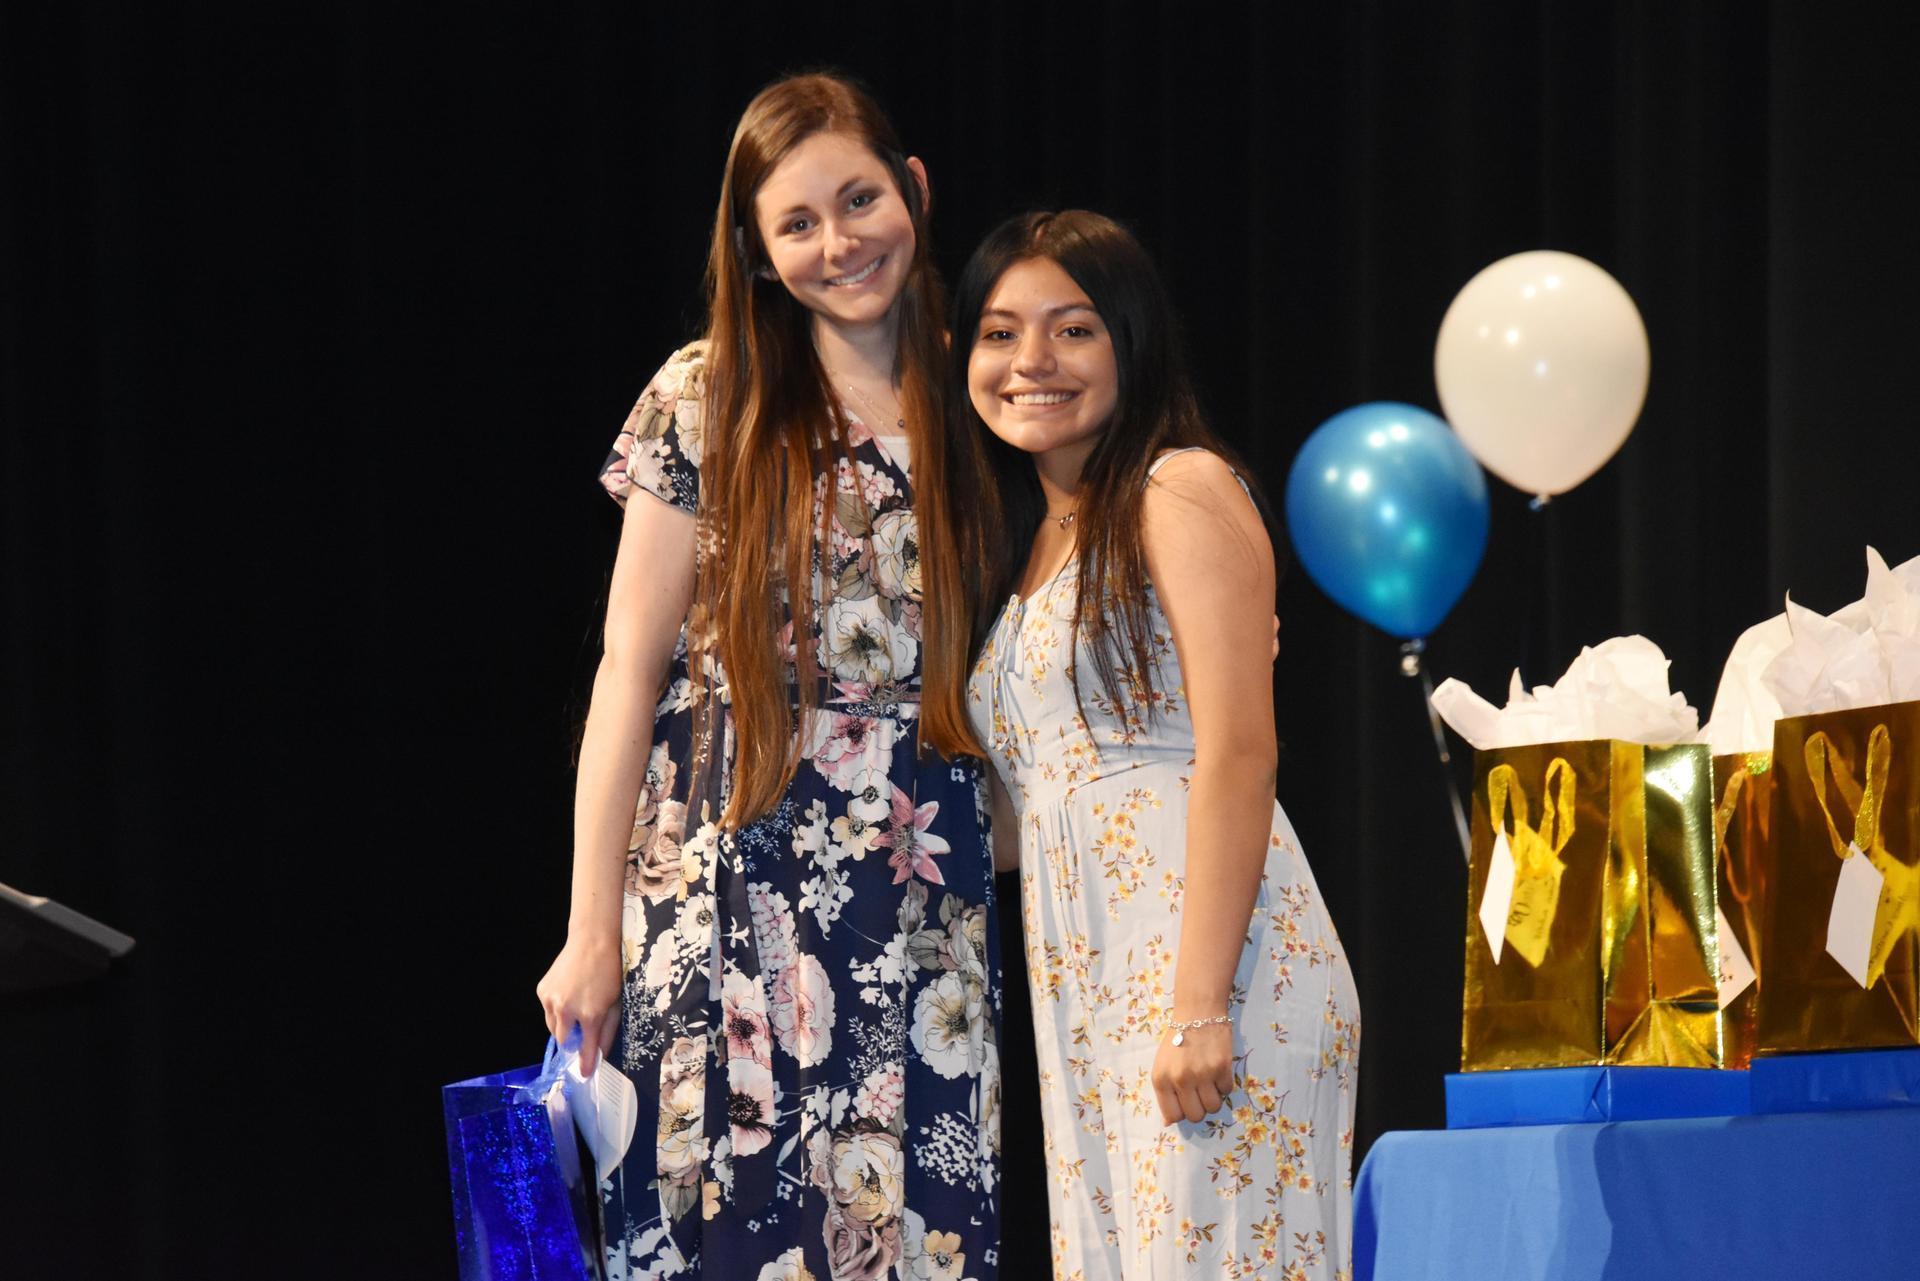 Vicky Hernandez and Cassandra Kneblik